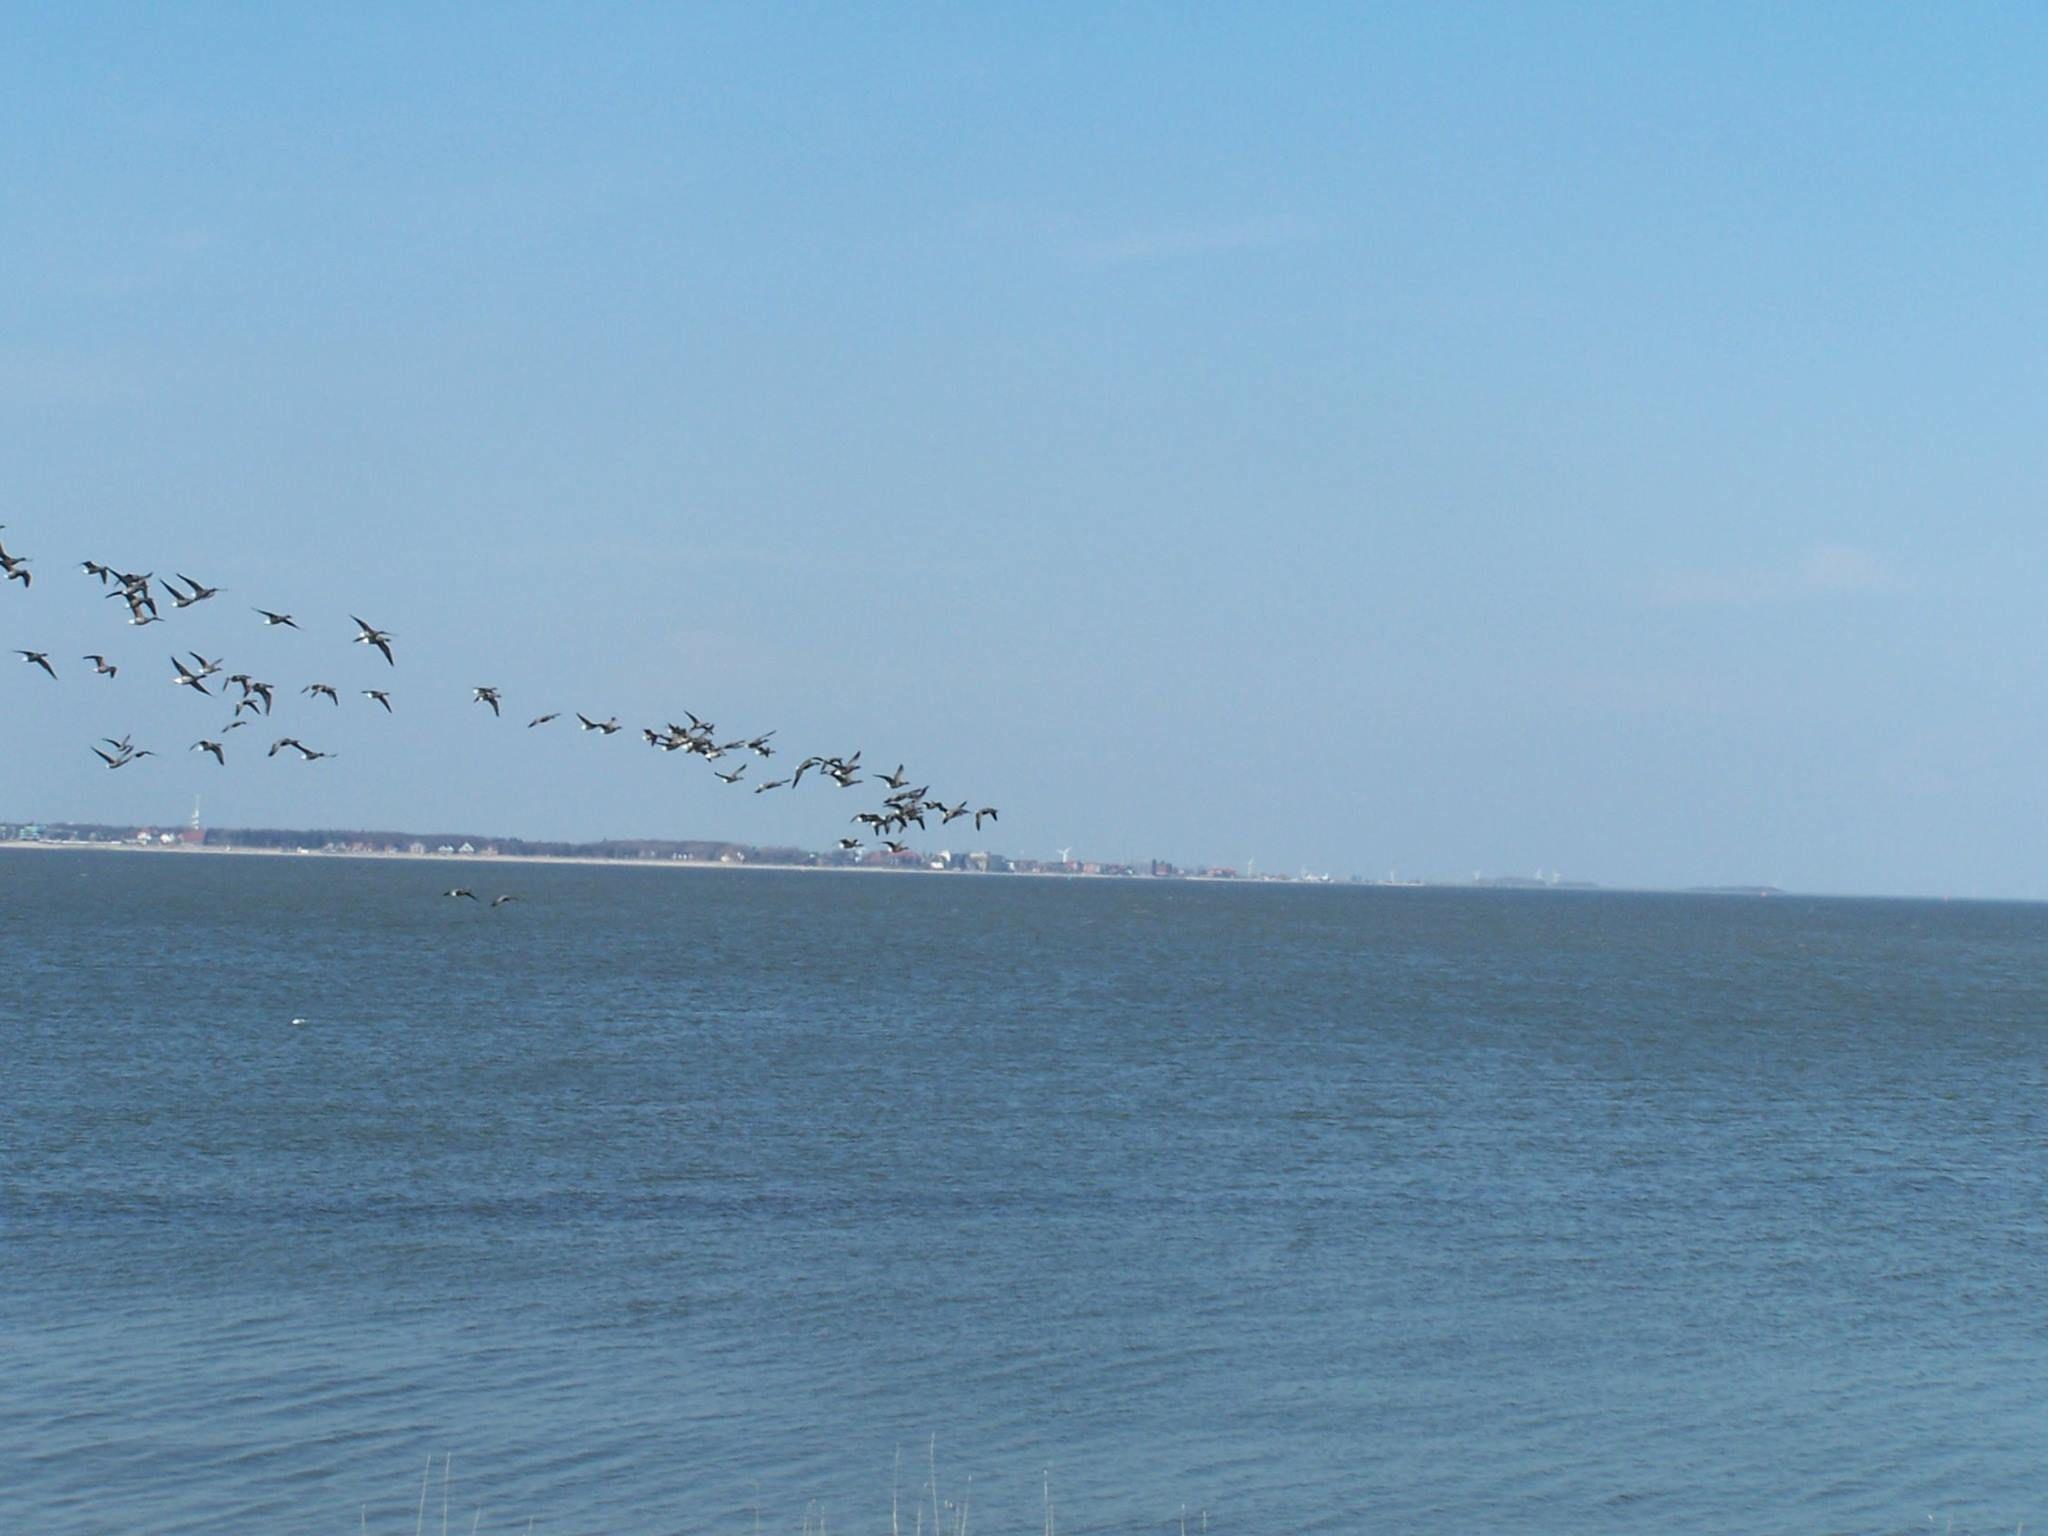 Hallig Langeness - der perfekte Rückzugsort vom Altag...  #urlaub #meer #nordsee #germany #halligen